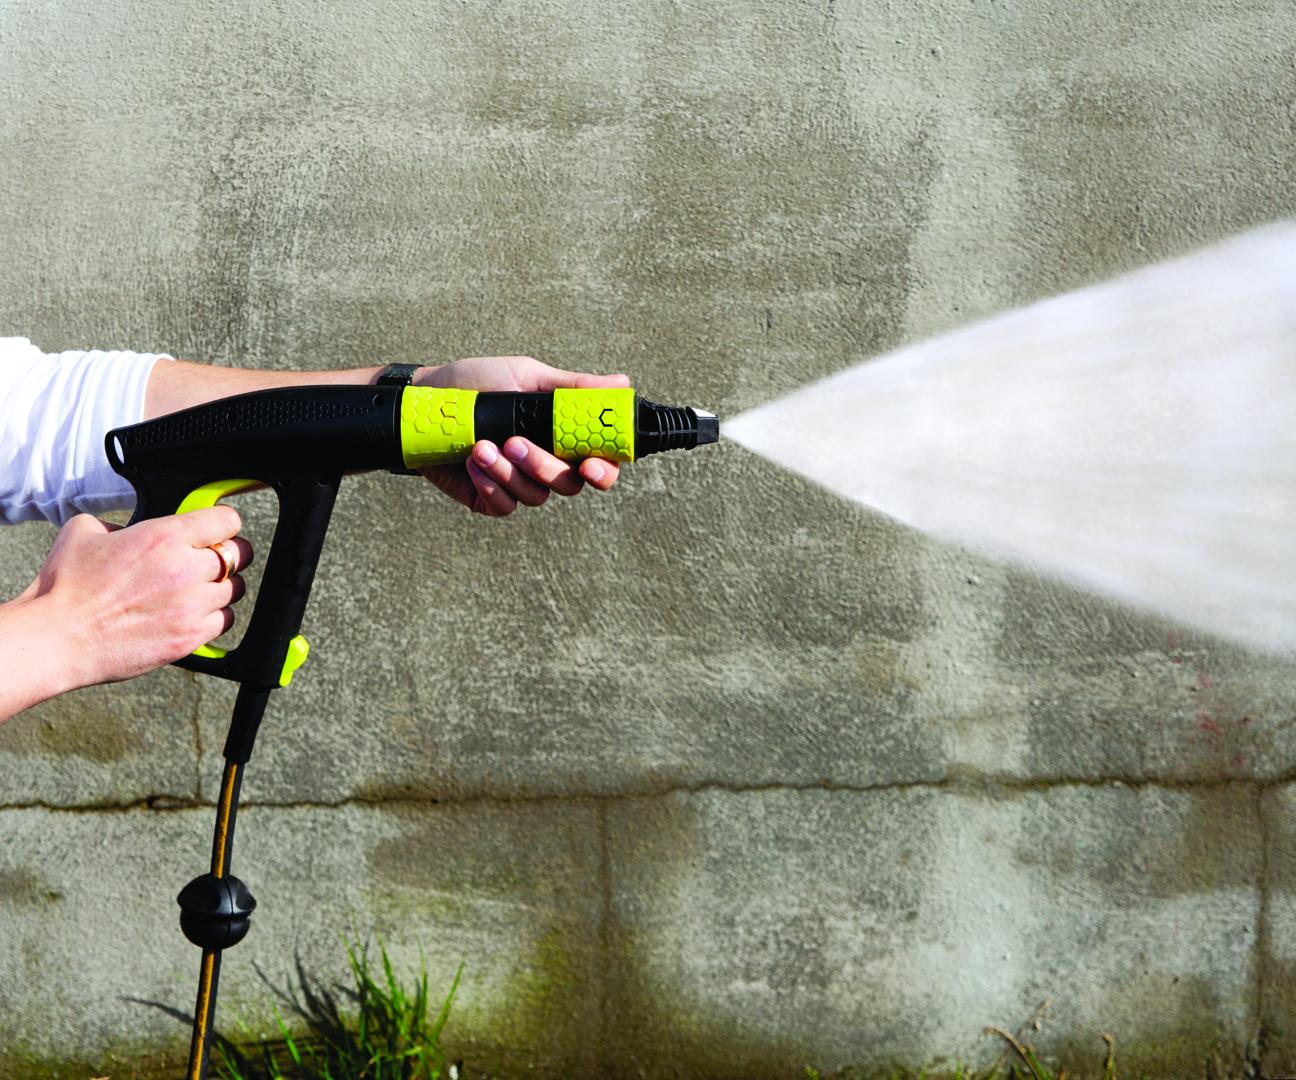 Swivel 40 degree nozzle